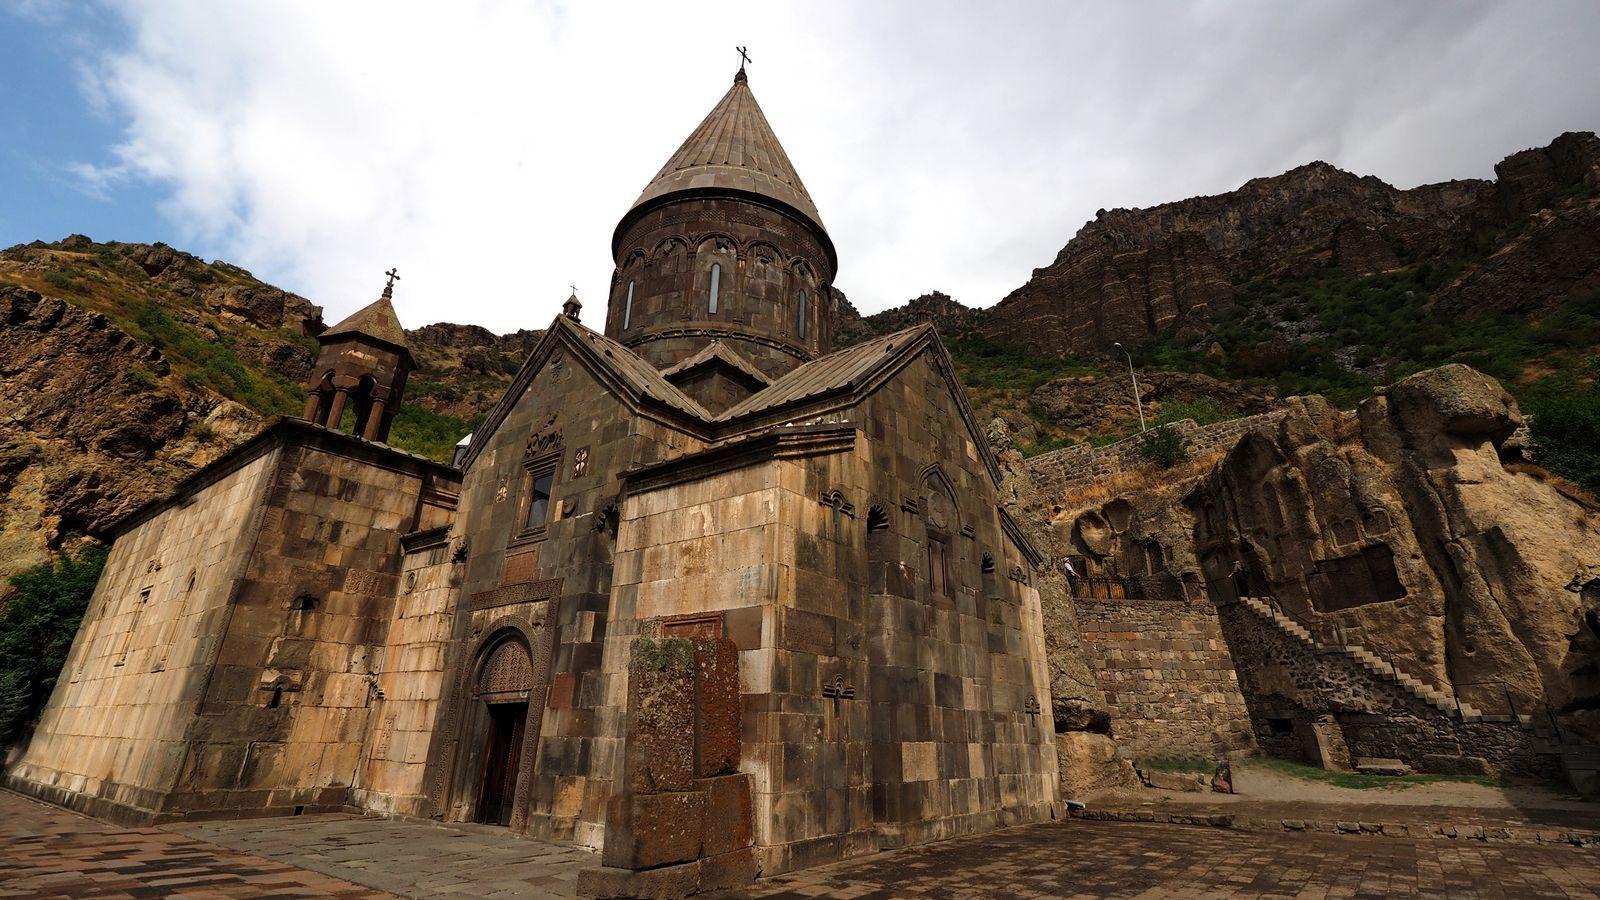 Radreise Armenien - Kloster Geghard